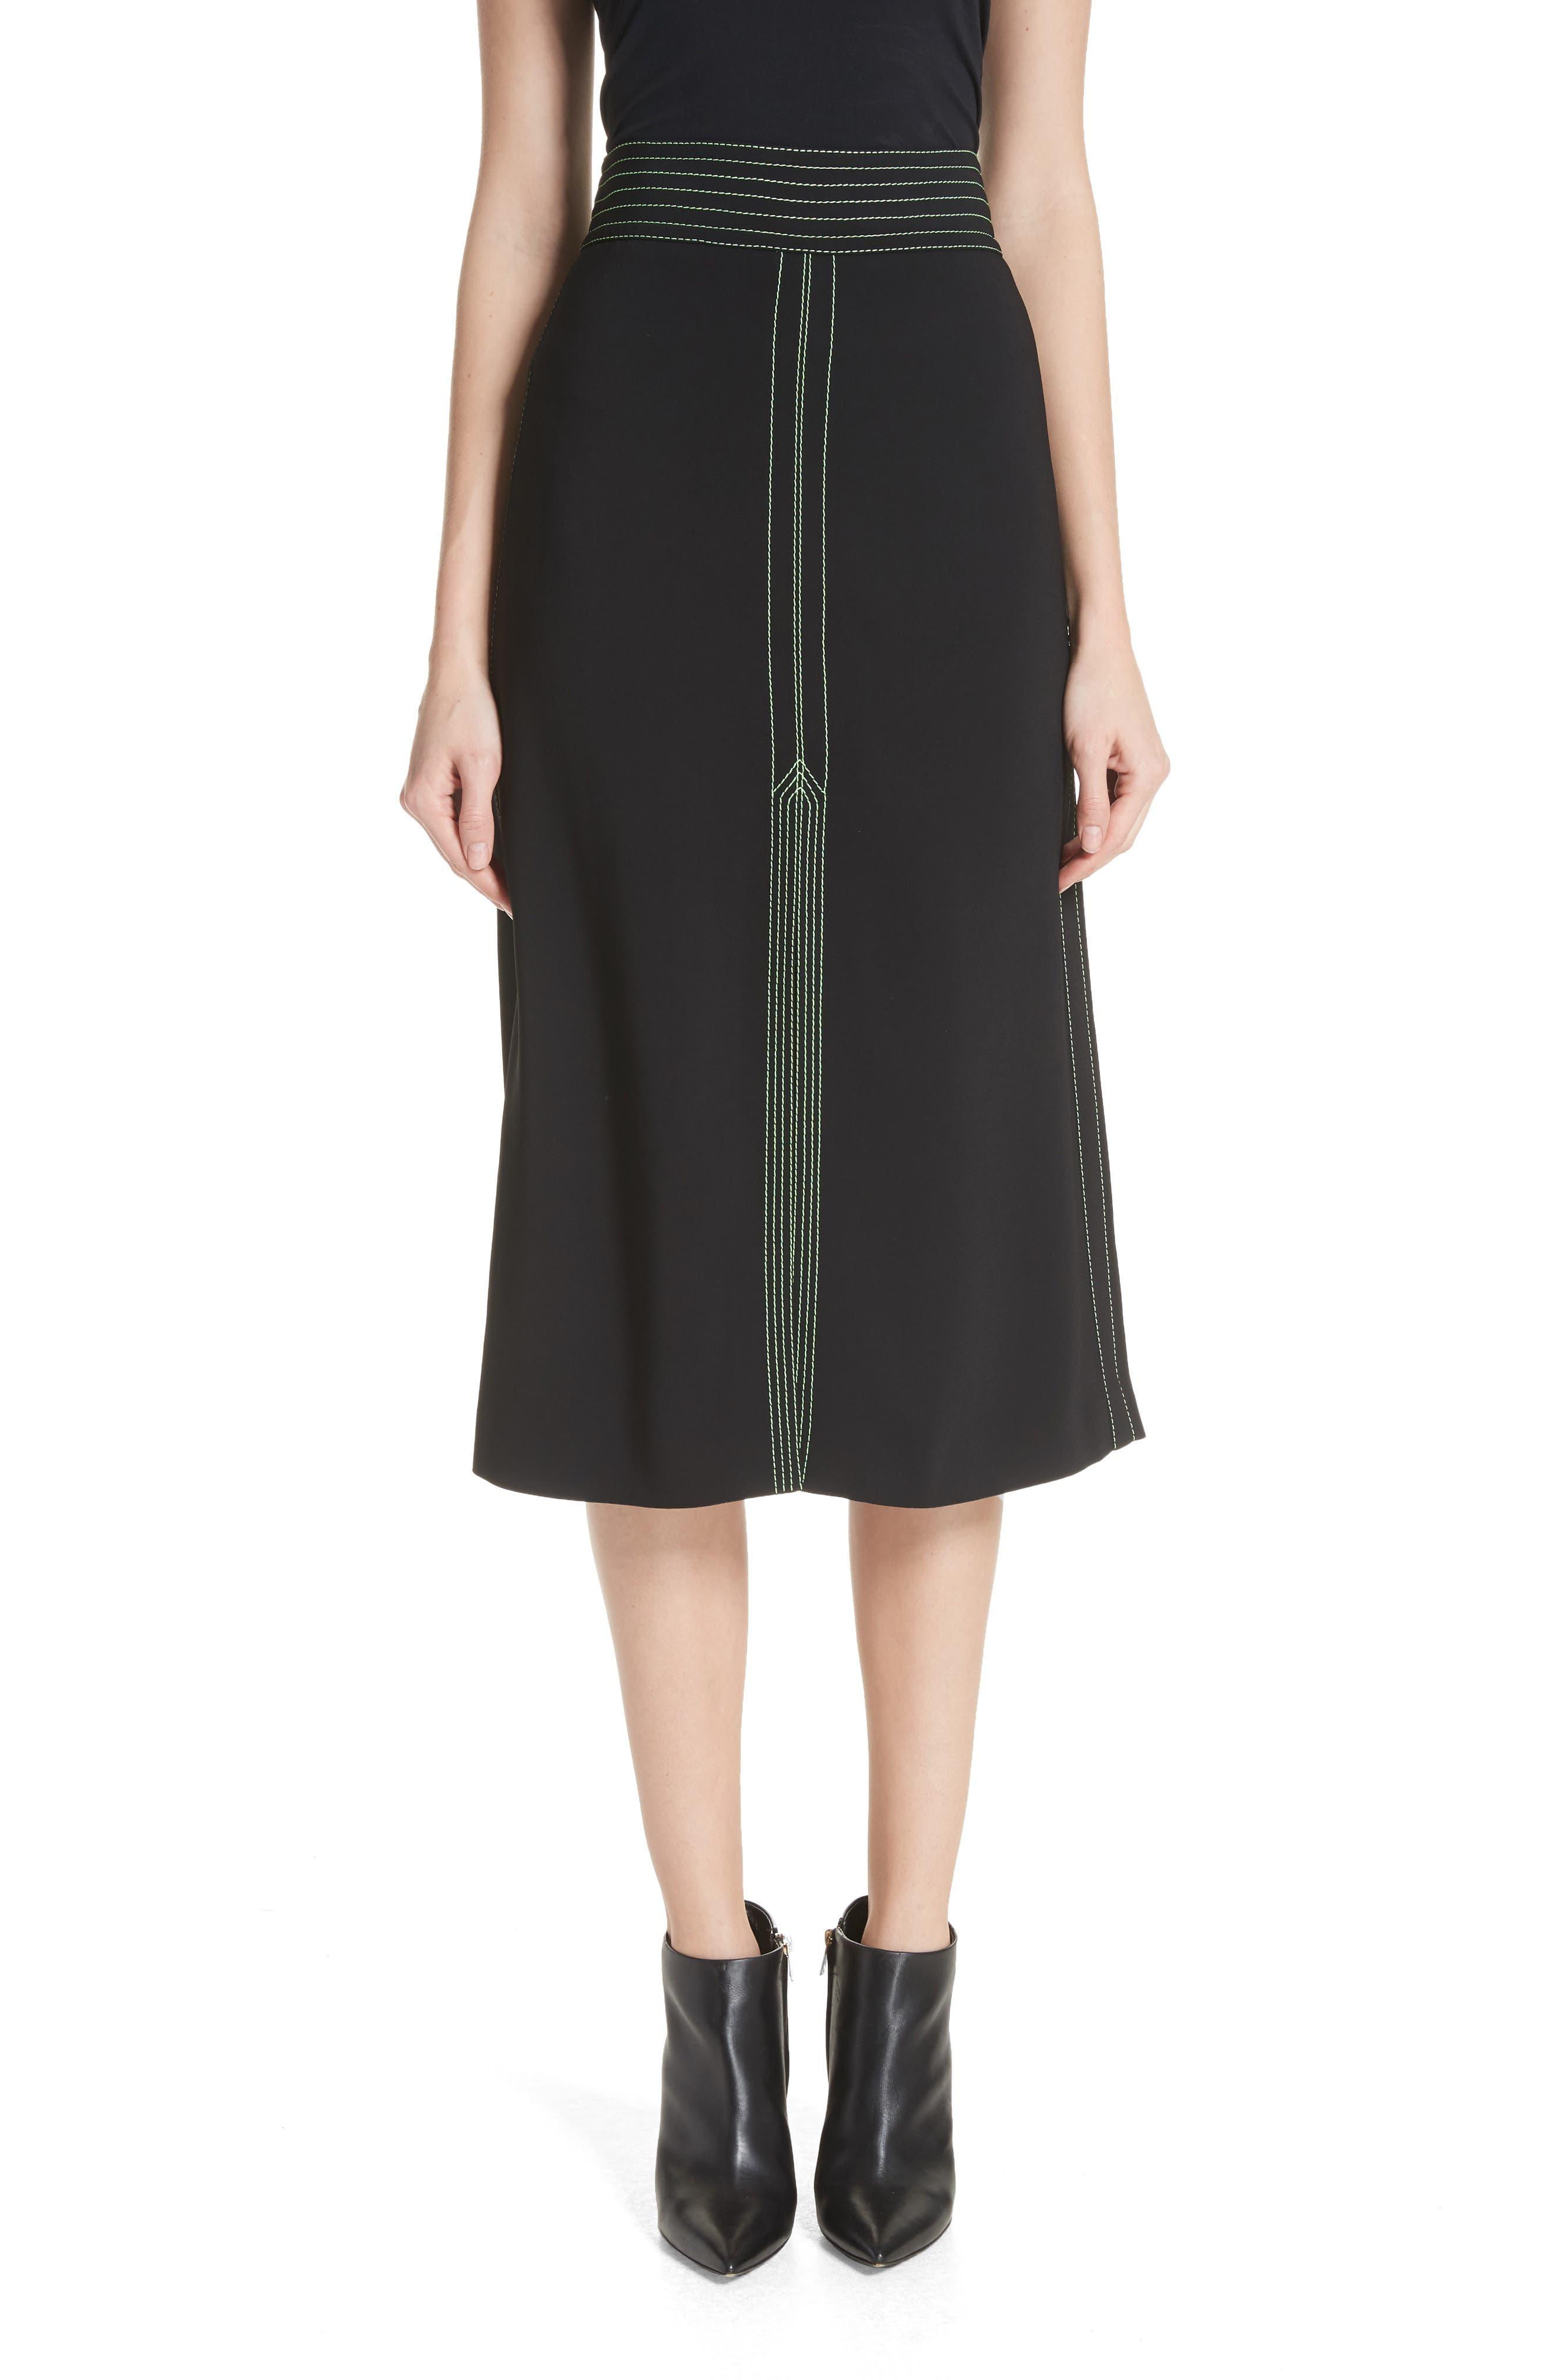 Burberry Churn A-Line Midi Skirt